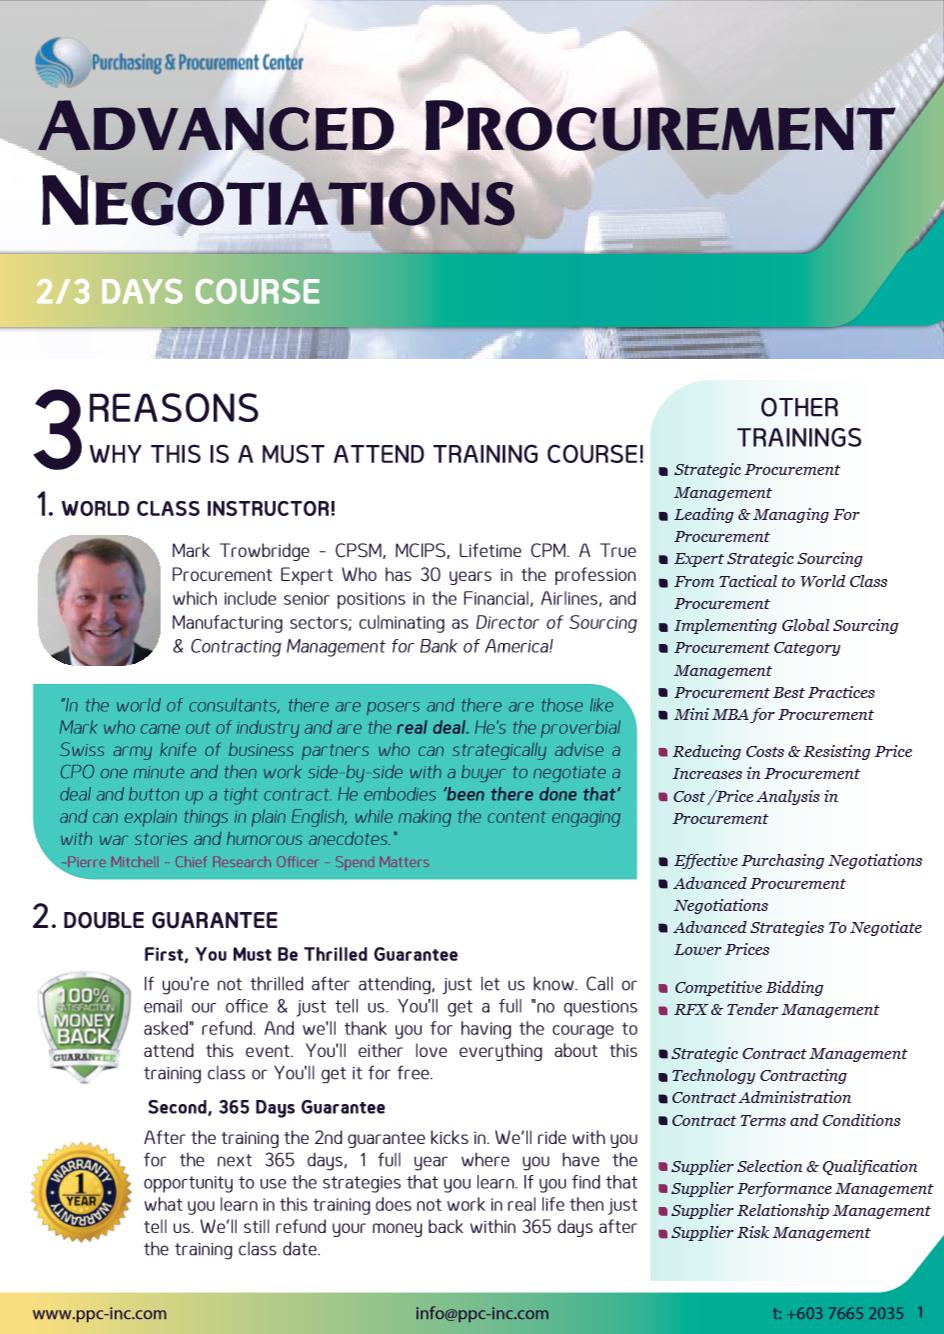 advanced procurement negotiations training course